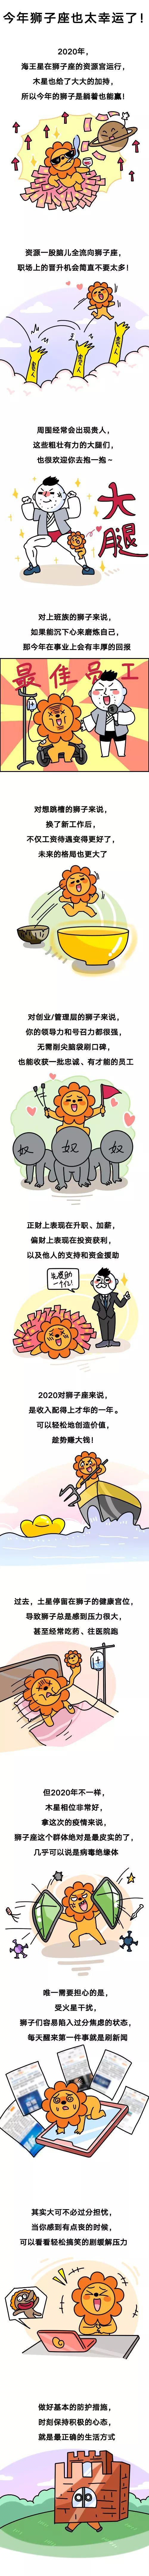 今年狮子座也太幸运了! isanji.com